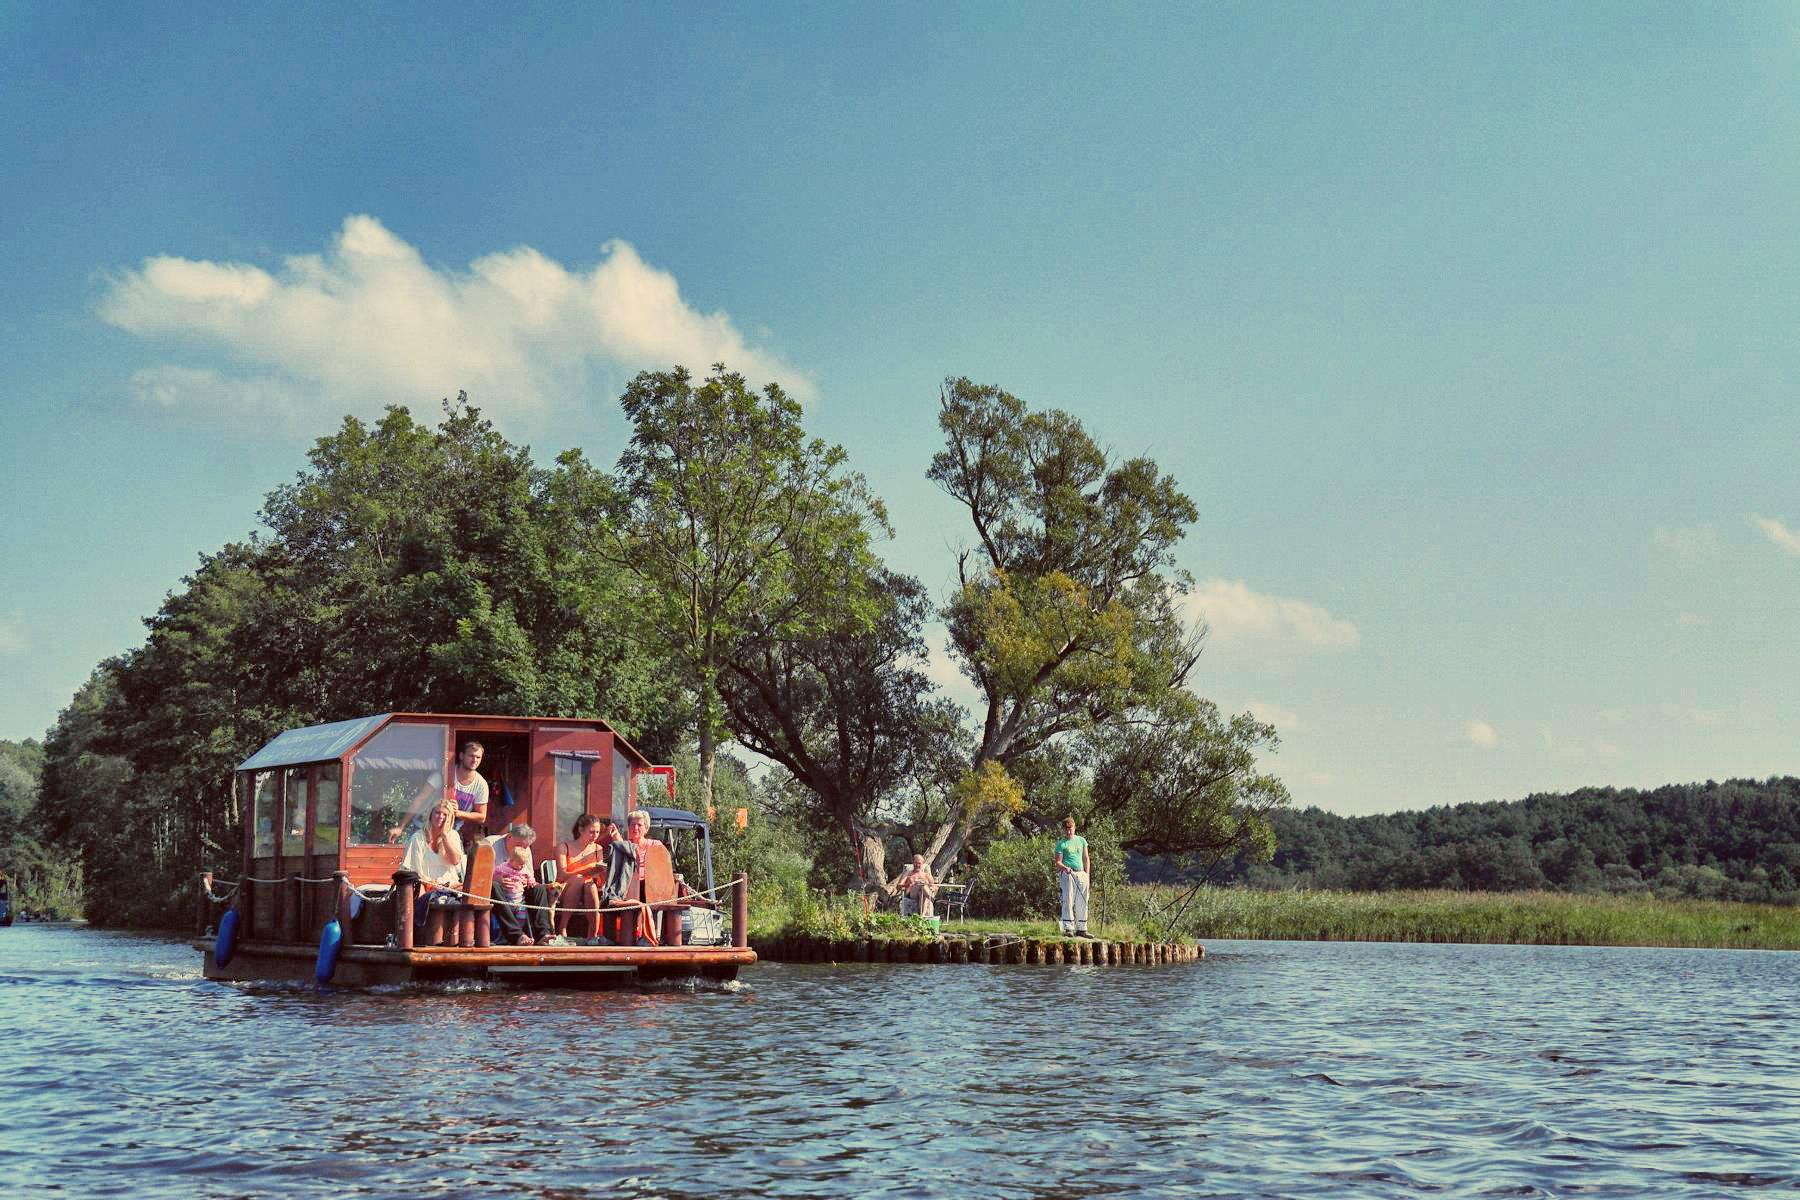 Floßfahren auf der Mecklenburgischen Seenplatte